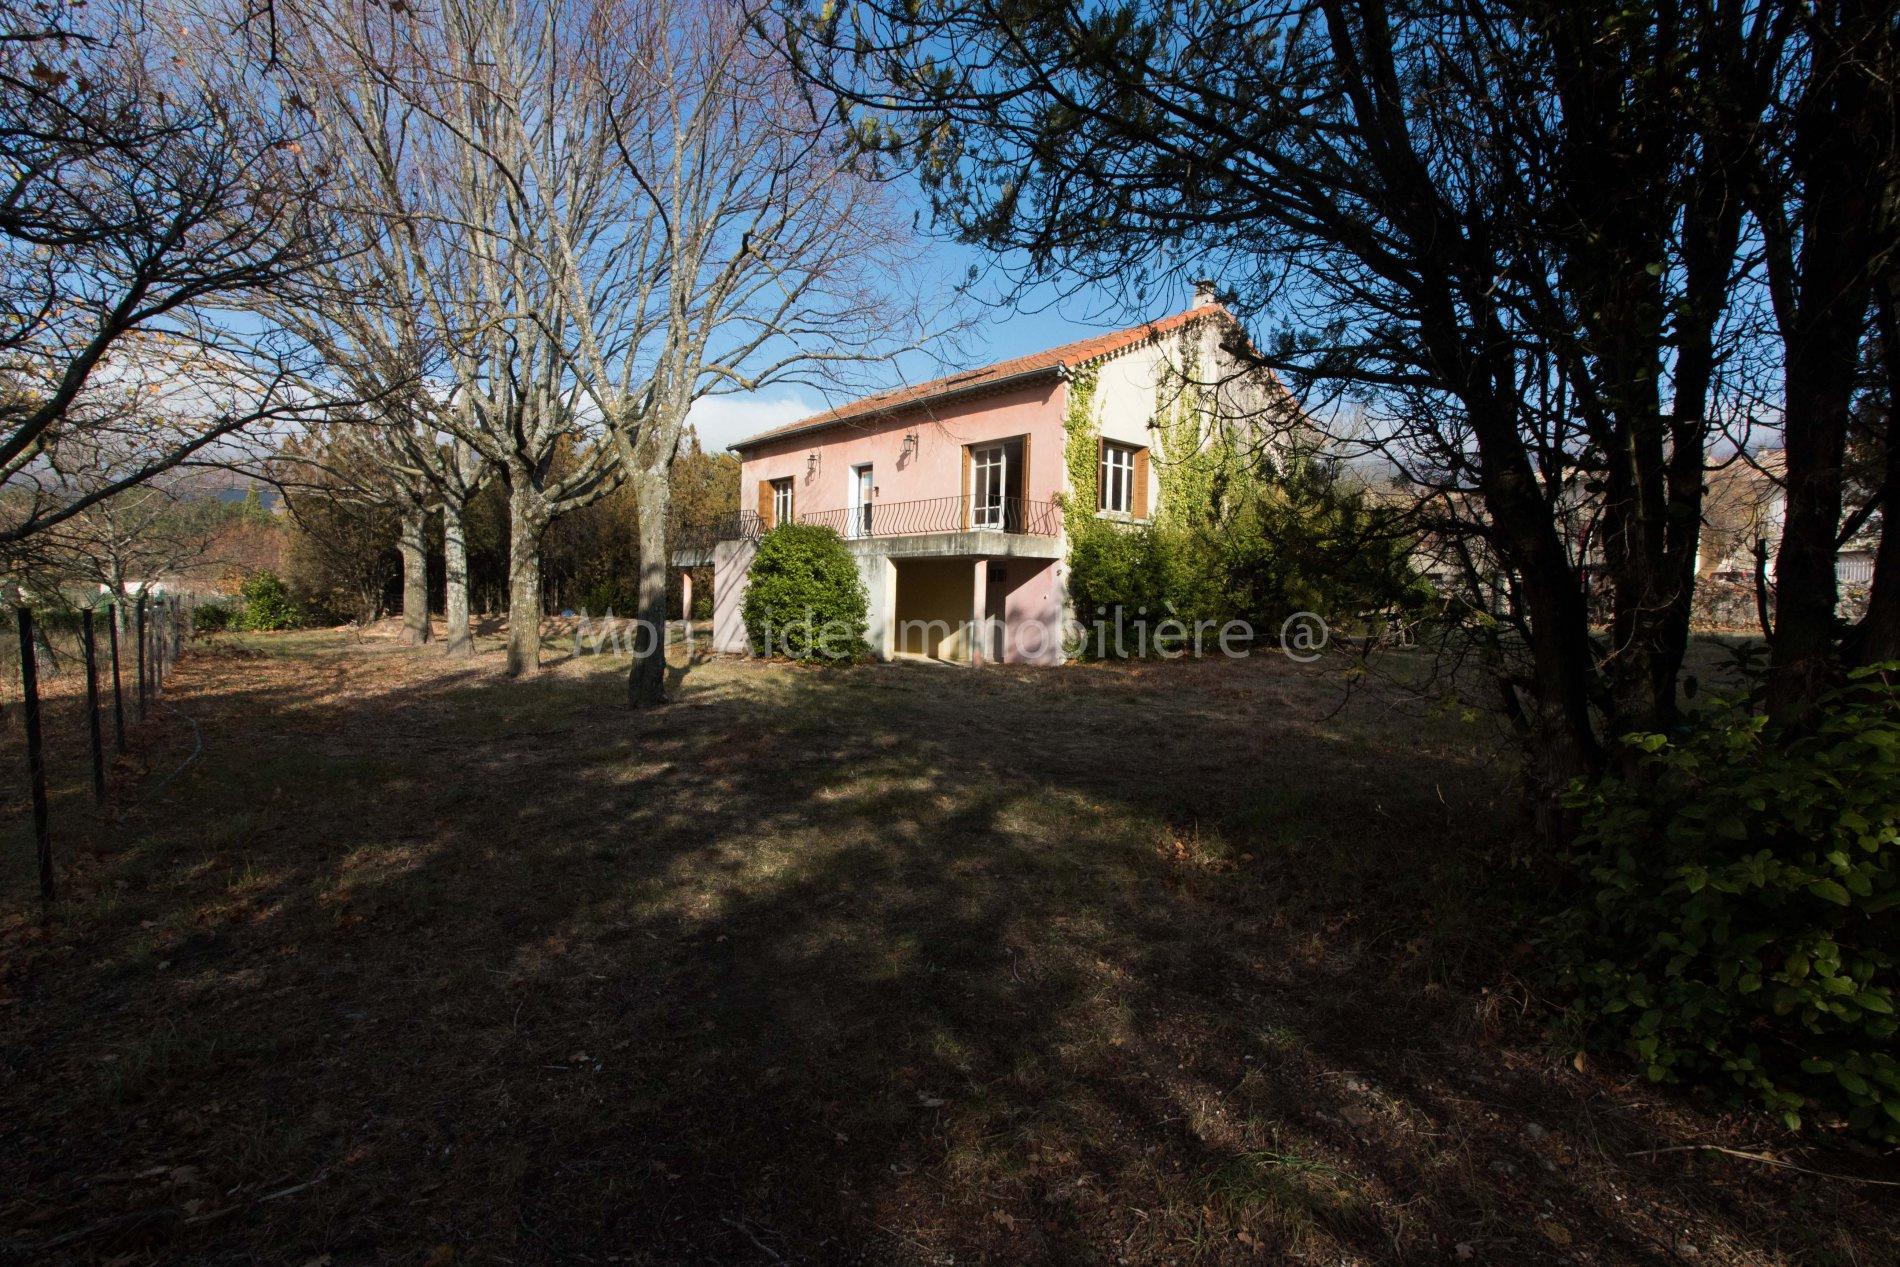 Annonce vente maison dieulefit 26220 98 m 260 000 for Annonce maison particulier